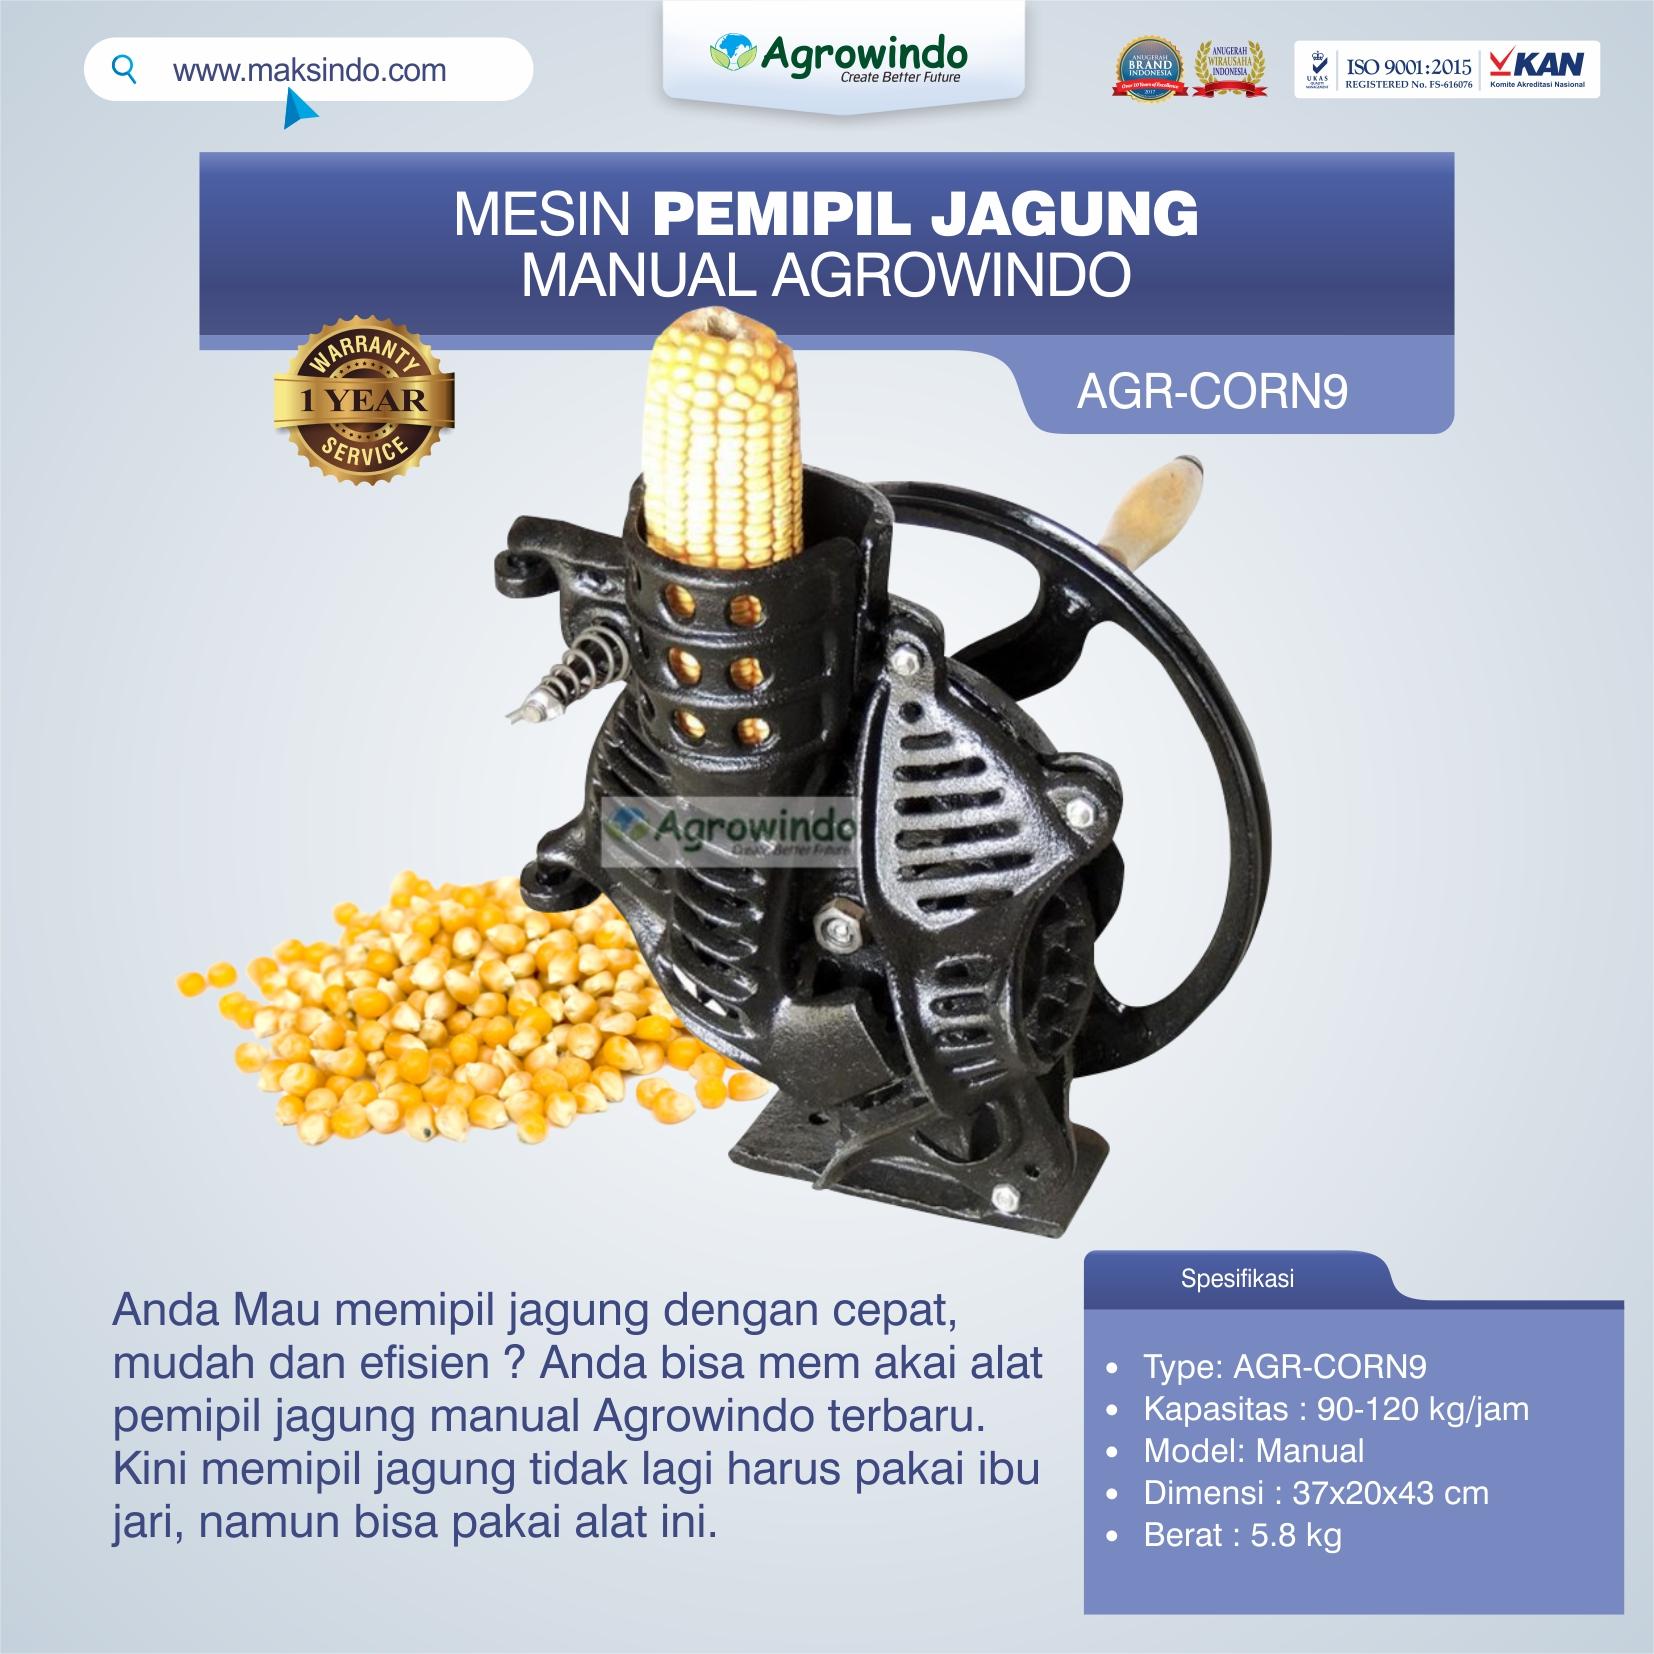 Jual Alat Pemipil Jagung Manual Agrowindo AGR-CORN9 di Bekasi